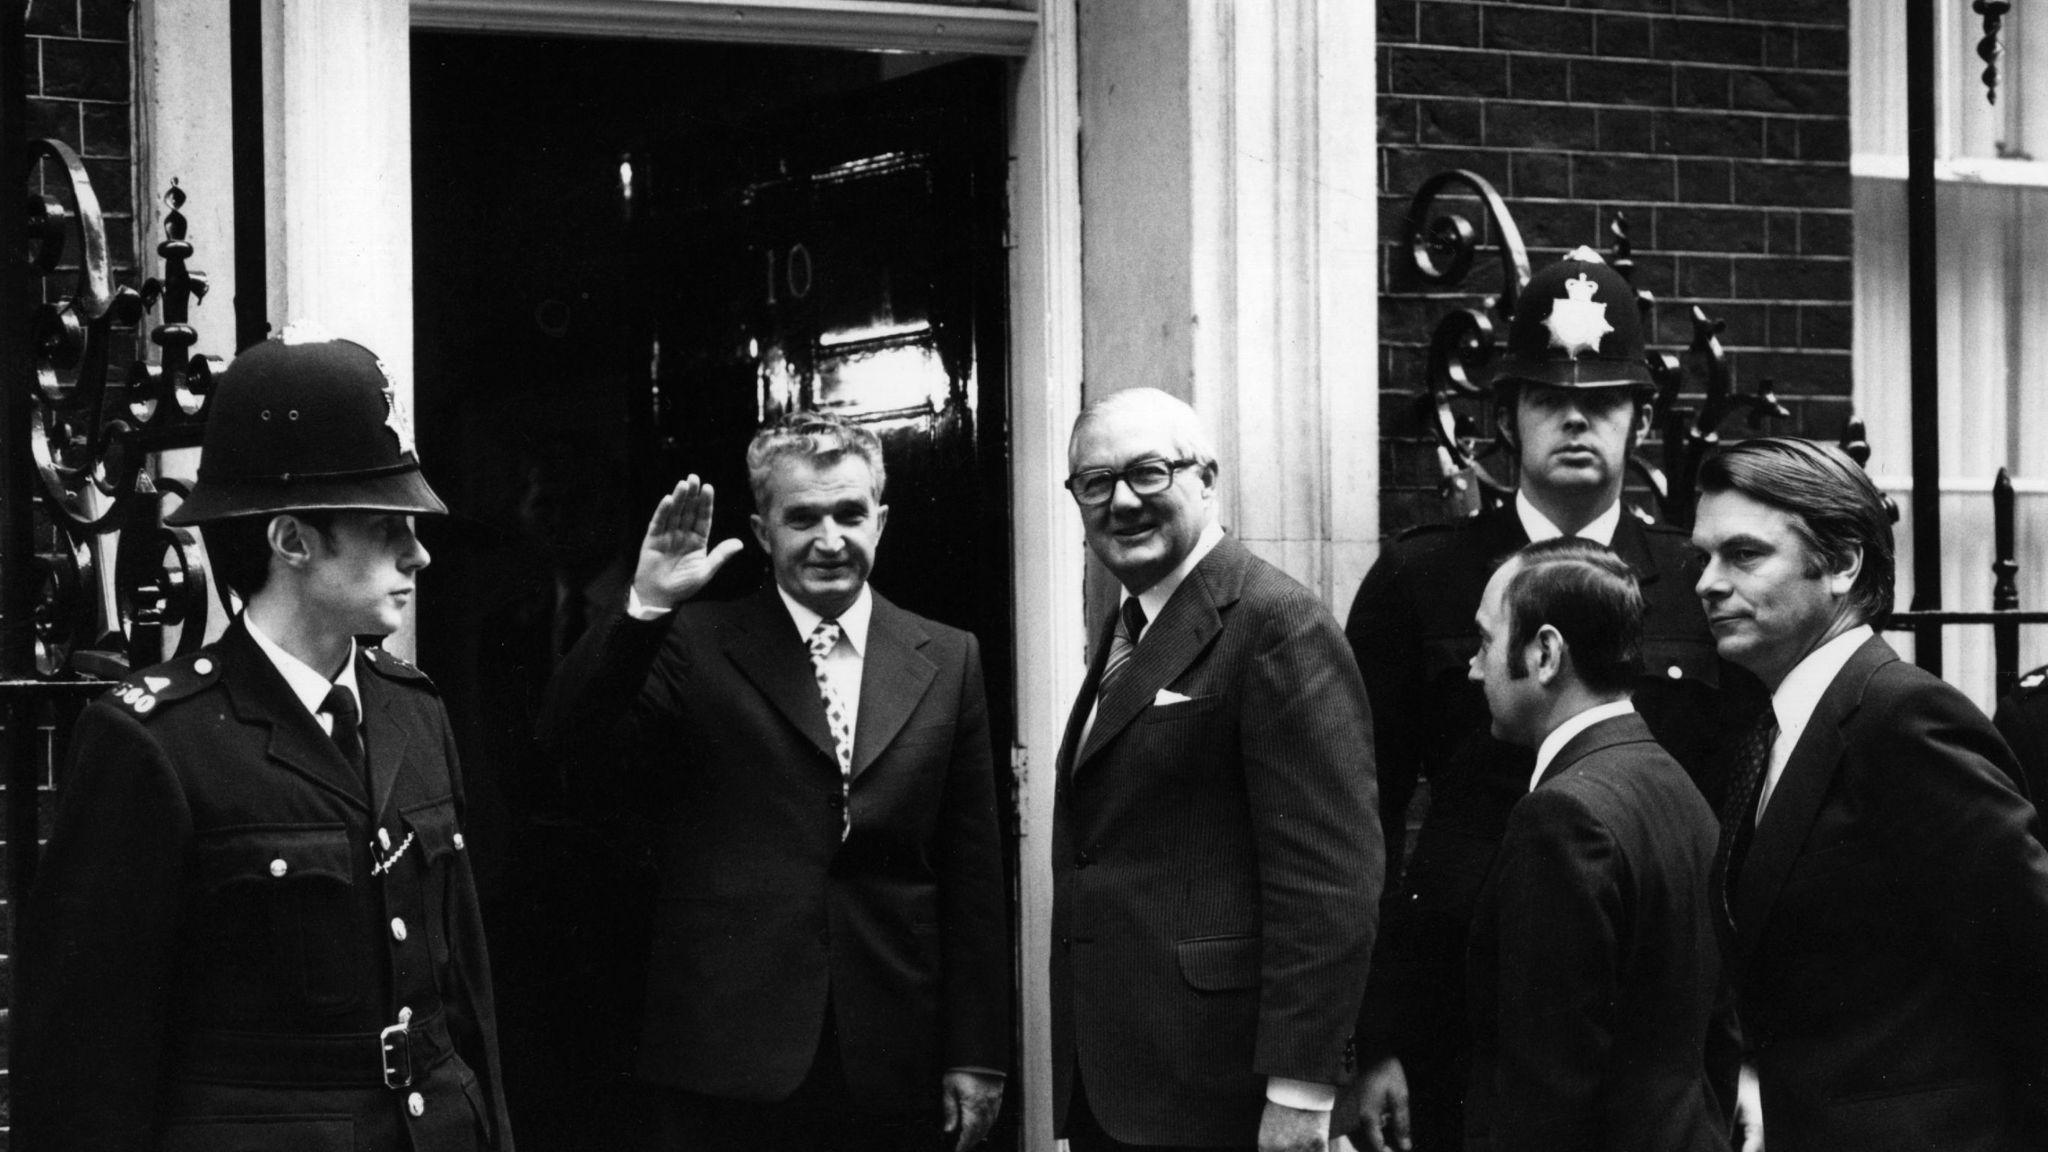 Romanian dictator Nicolae Ceausescu